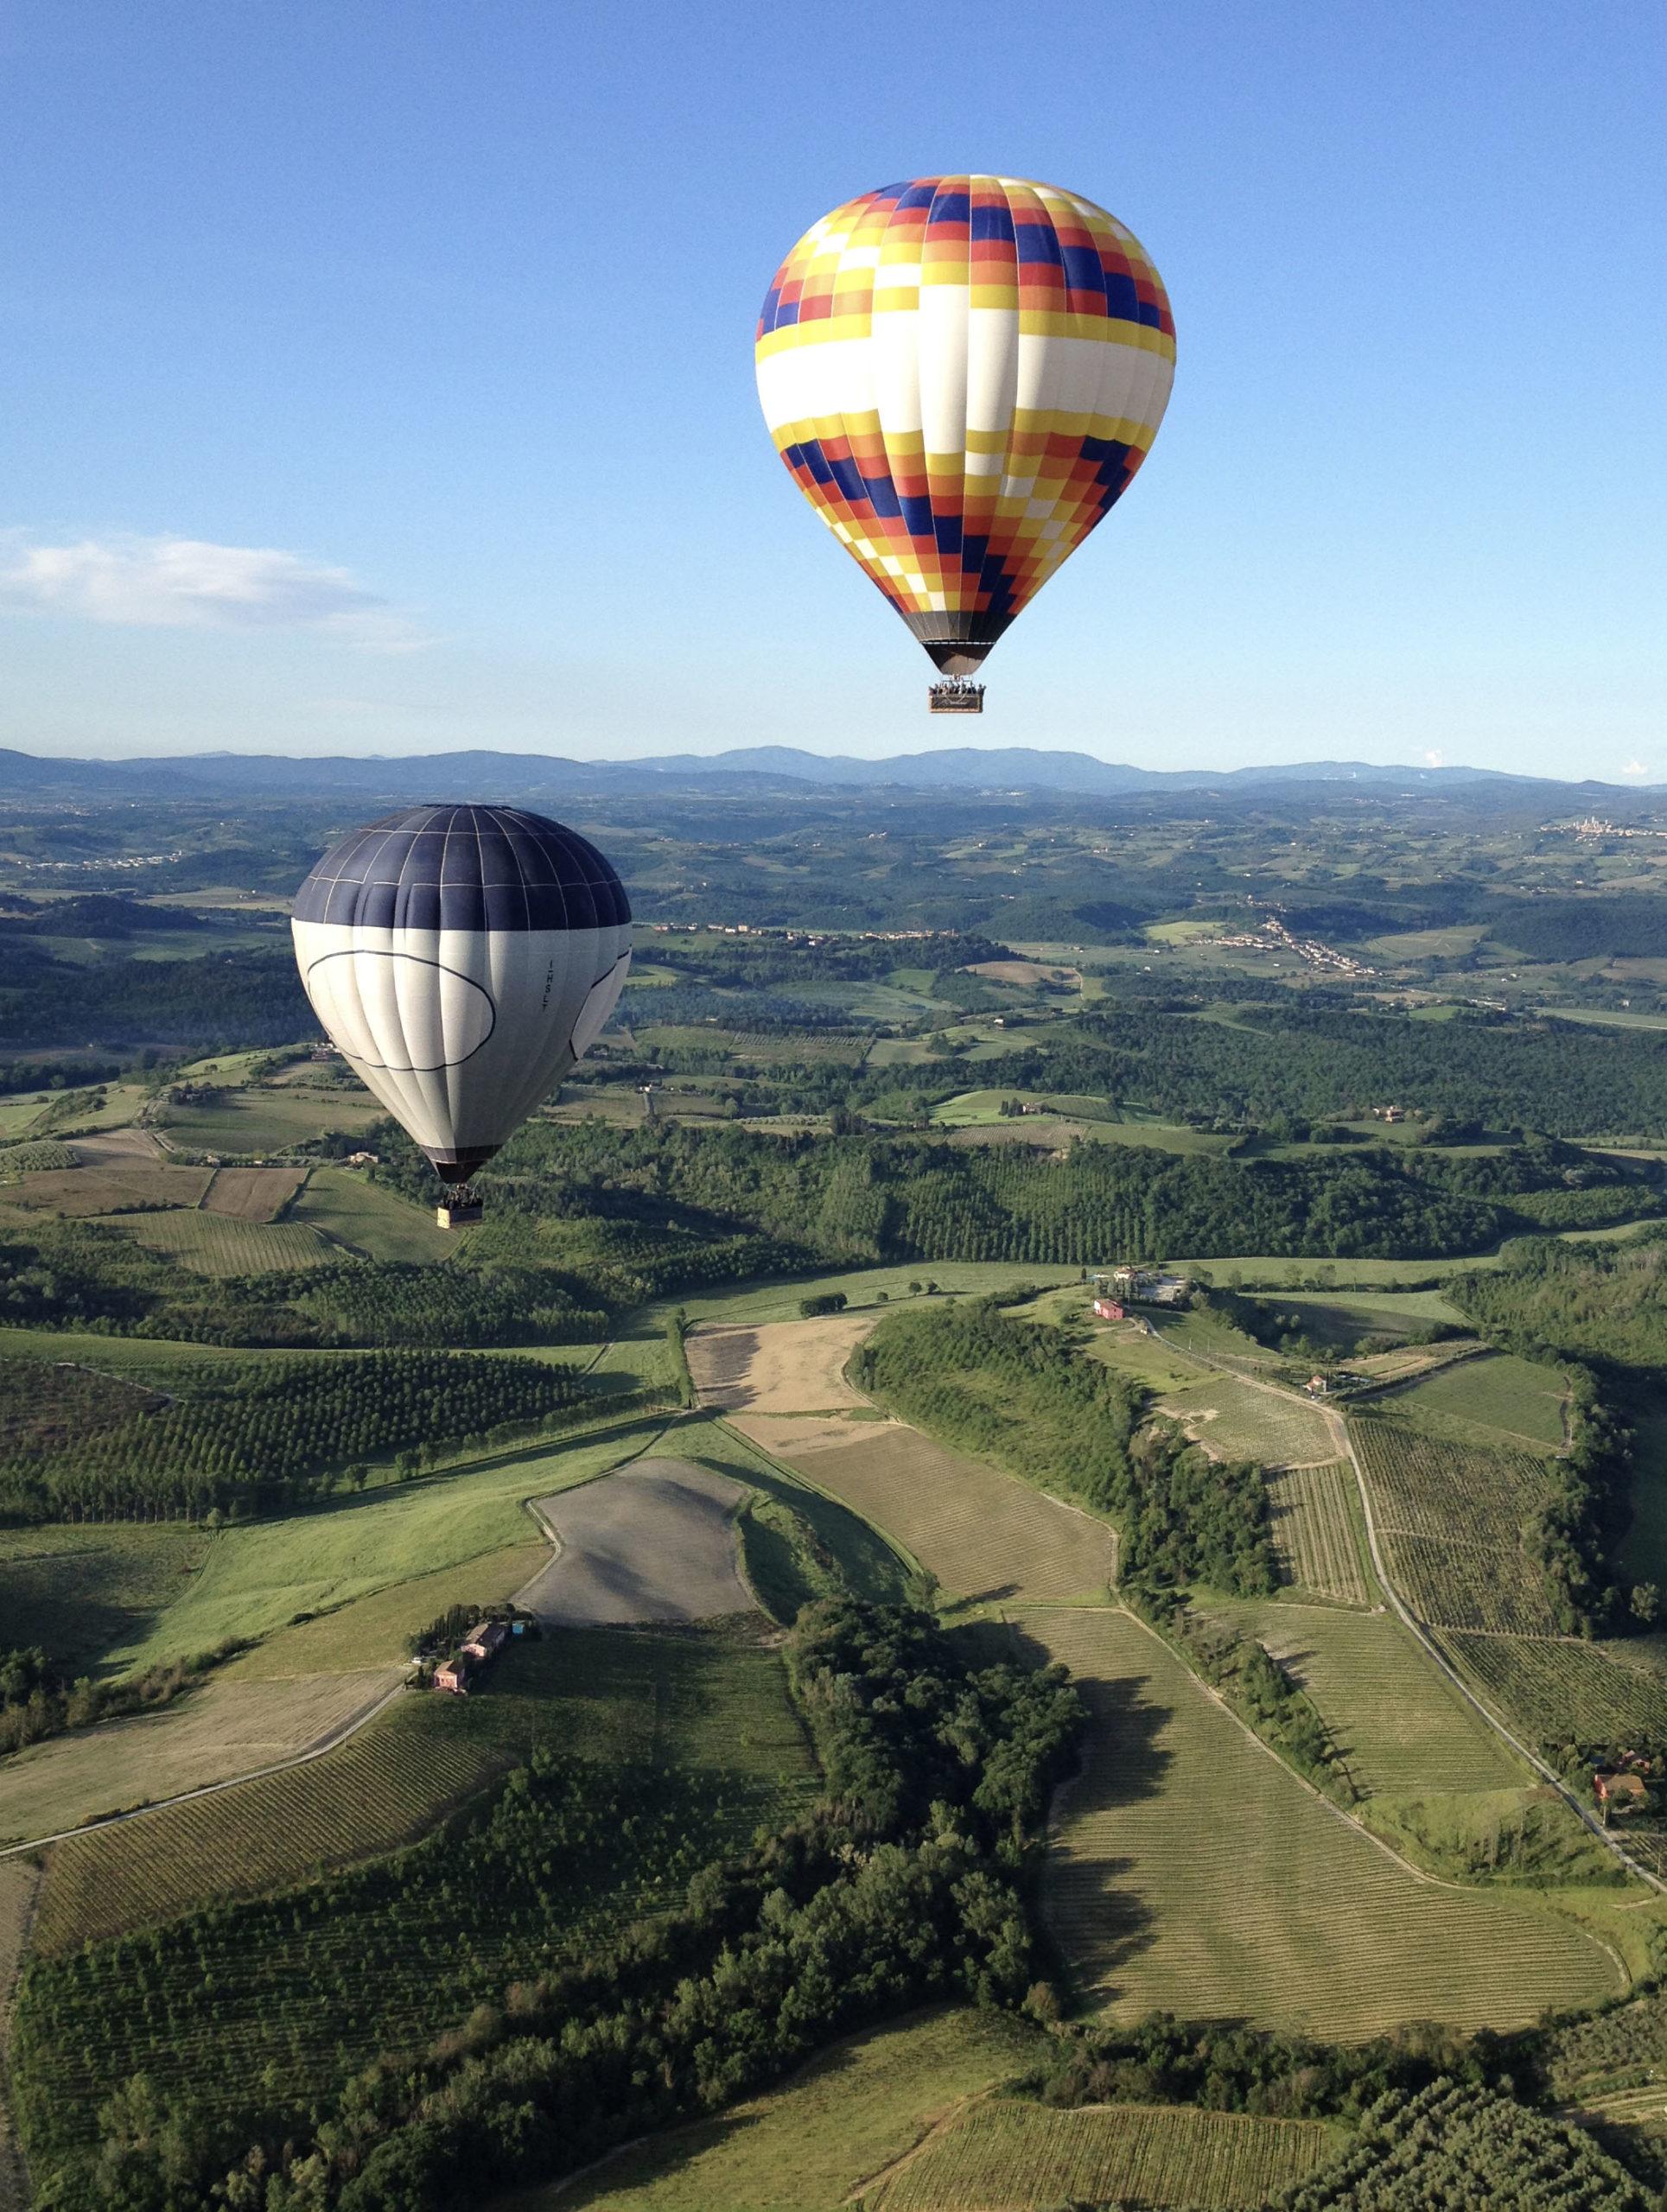 volo-gruppo-incentive-teambuilding-mongolfiera